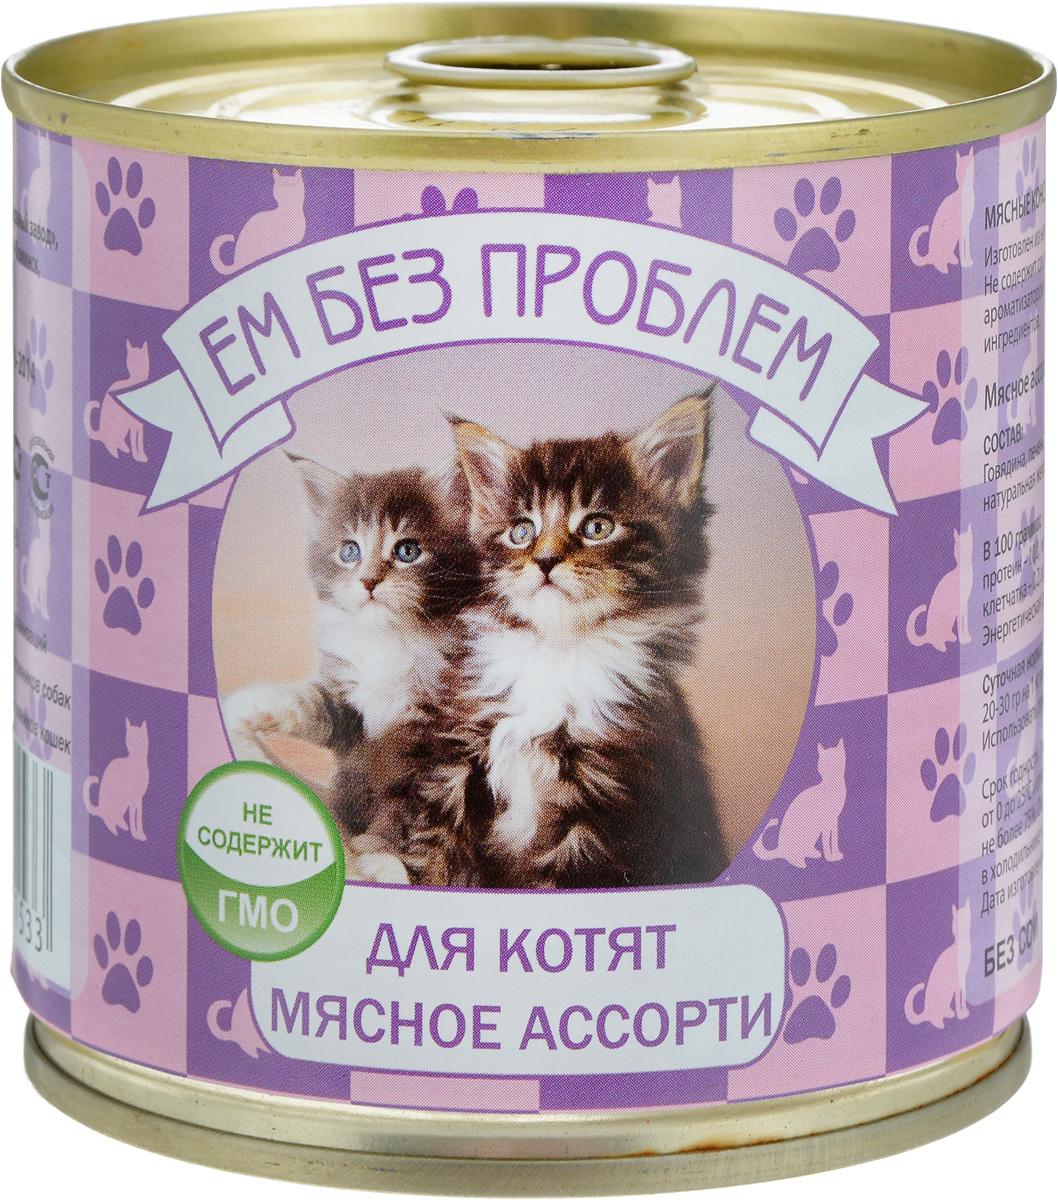 Консервы Ем без проблем, для котят, ассорти, 250 г57464Мясные консервы для котят Ем без проблем изготовлены из натурального российского мяса. Не содержат сои, консервантов, красителей, ароматизаторов и генномодифицированных ингредиентов. Корм полностью удовлетворяет ежедневные энергетические потребности животного и обеспечивает оптимальное функционирование пищеварительной системы. Консервы Ем без проблем рекомендуется смешивать с кашами и овощами.Товар сертифицирован.